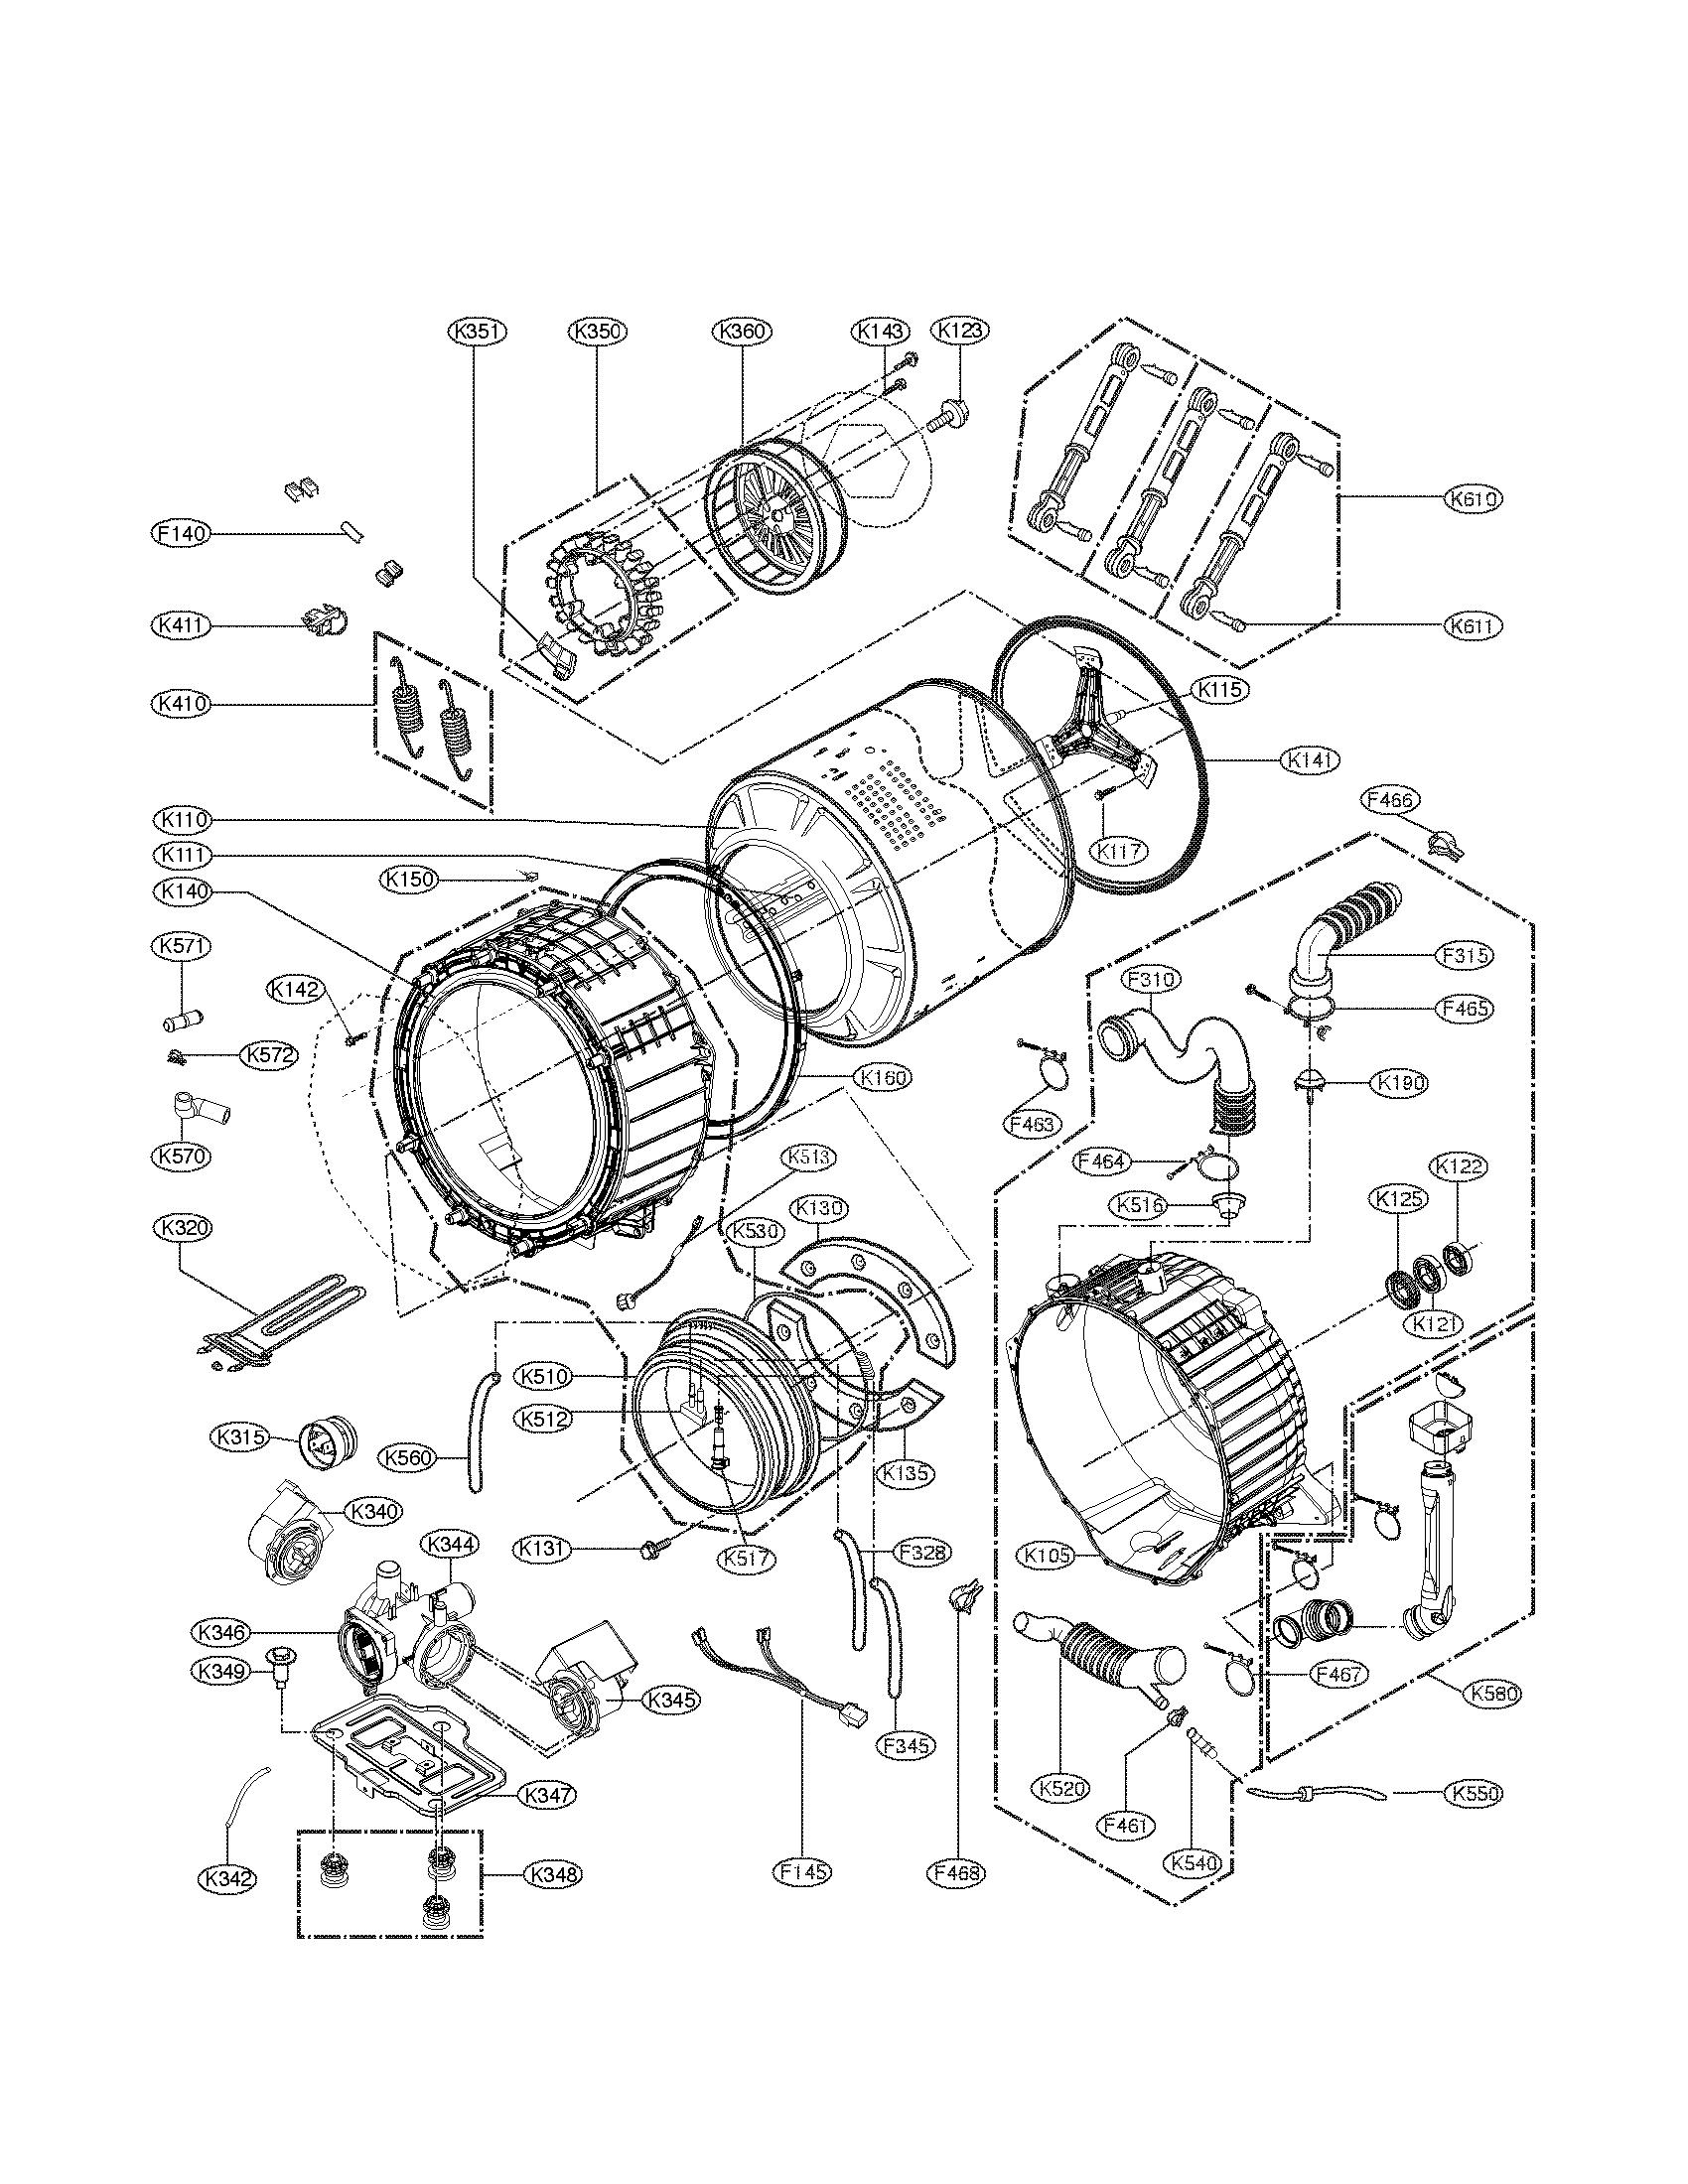 lg washer parts model wm3875hvca sears partsdirect lg washerlg washer parts model wm3875hvca sears partsdirect [ 1700 x 2200 Pixel ]